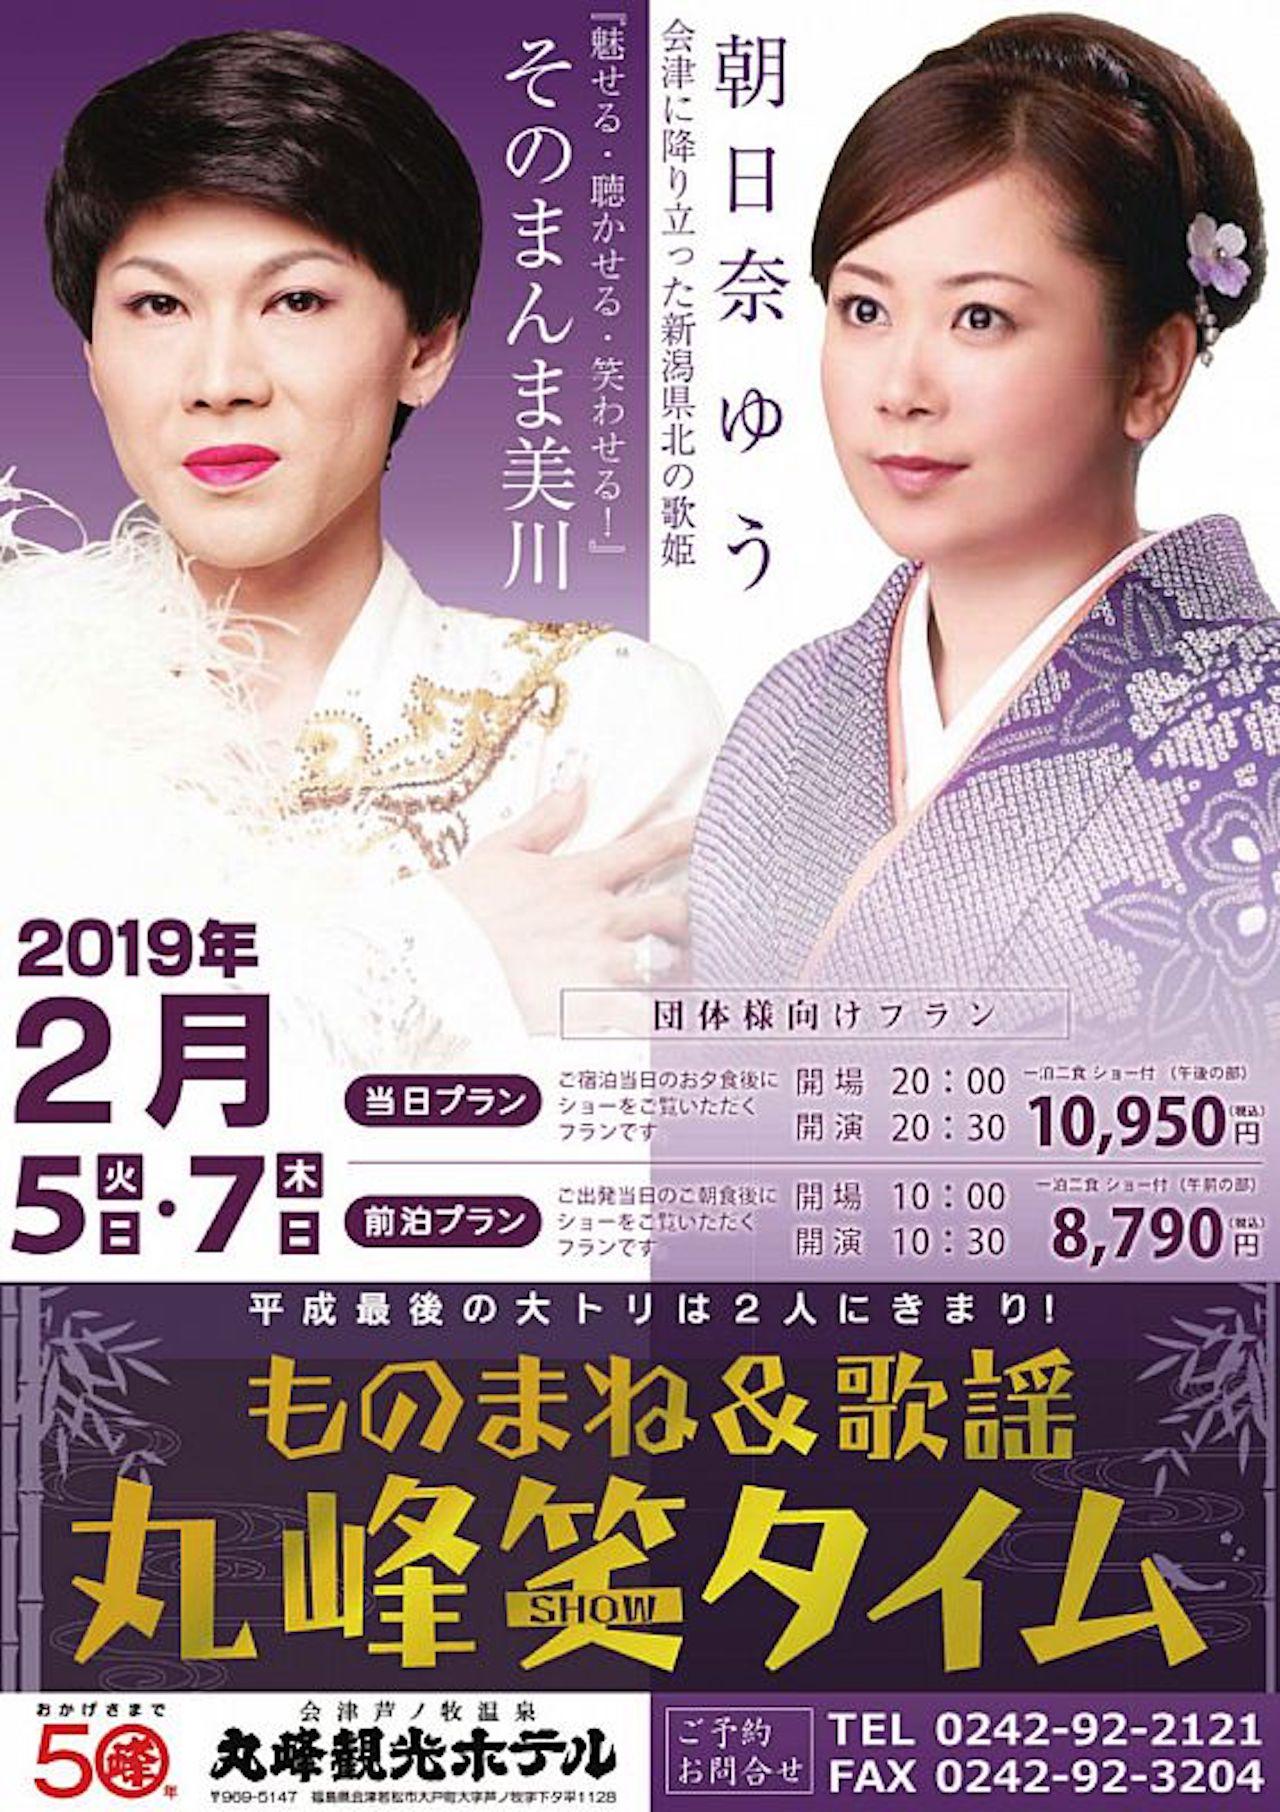 2019/2/5(火)・7(木)開催:ものまね&歌謡 丸峰笑タイム 丸峰観光ホテル